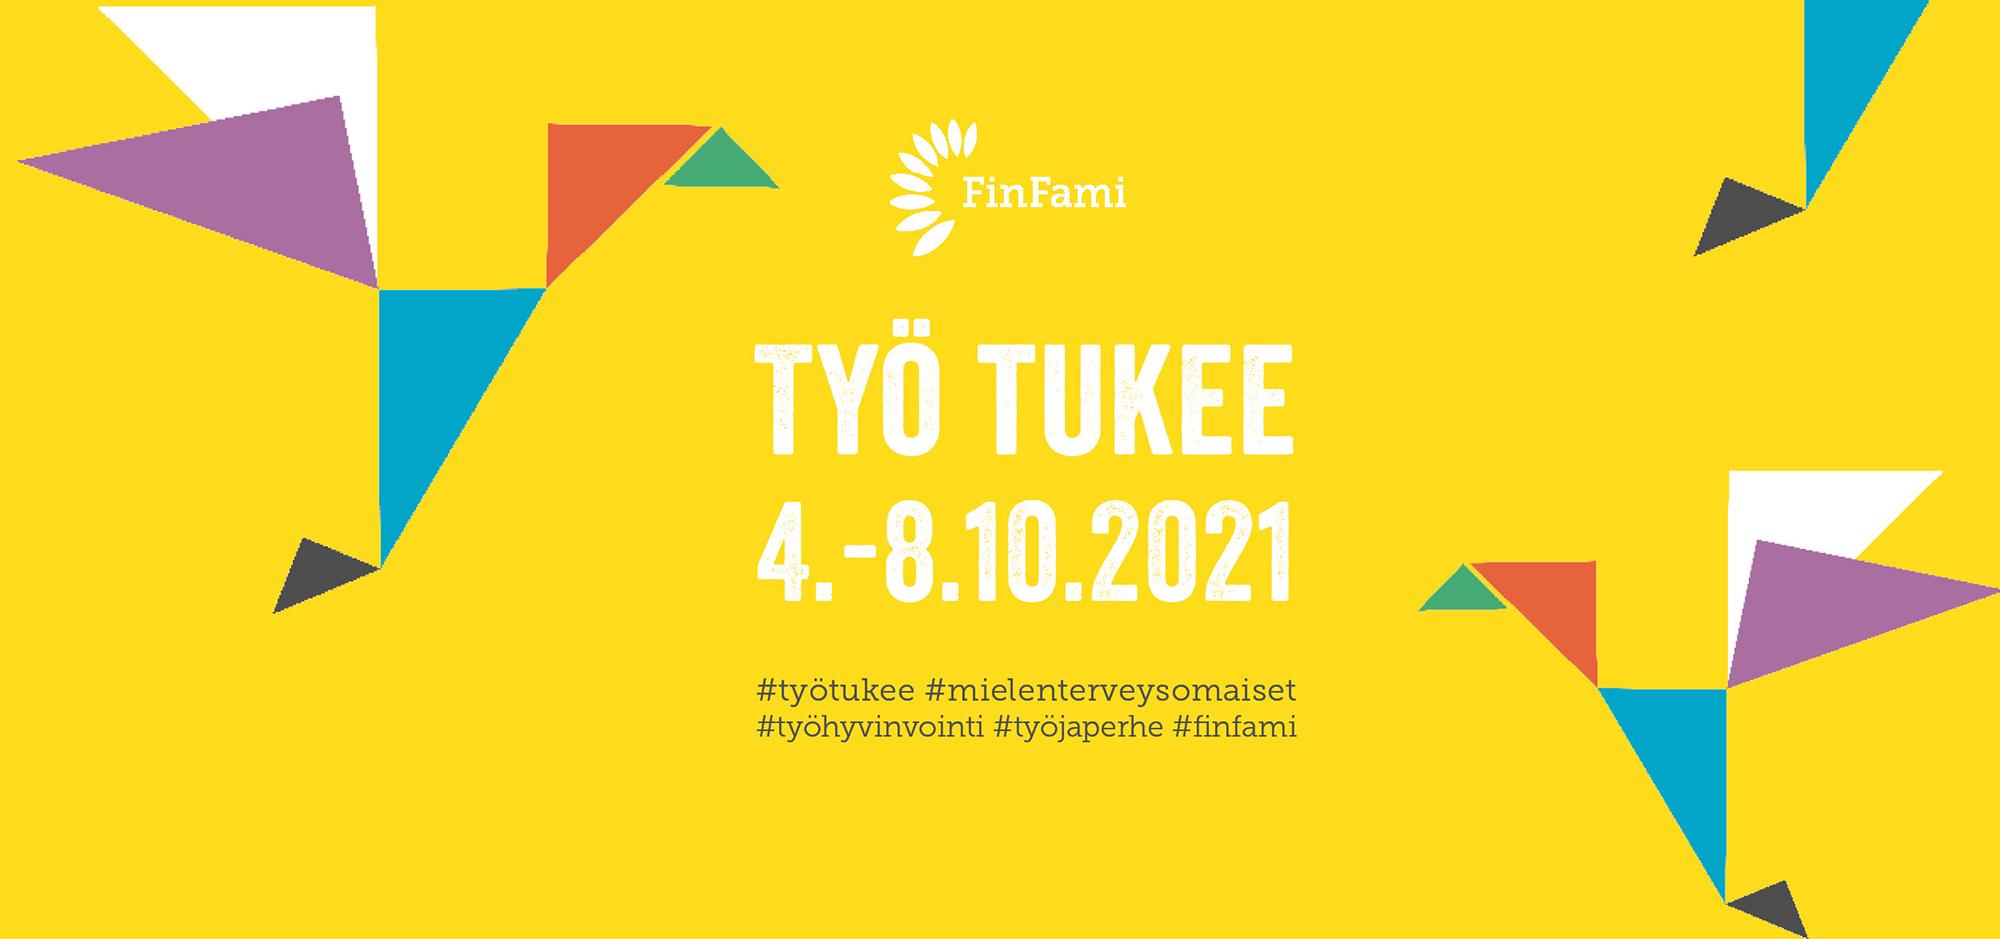 FinFamin Työ tukee -kampanjan mainoskuva